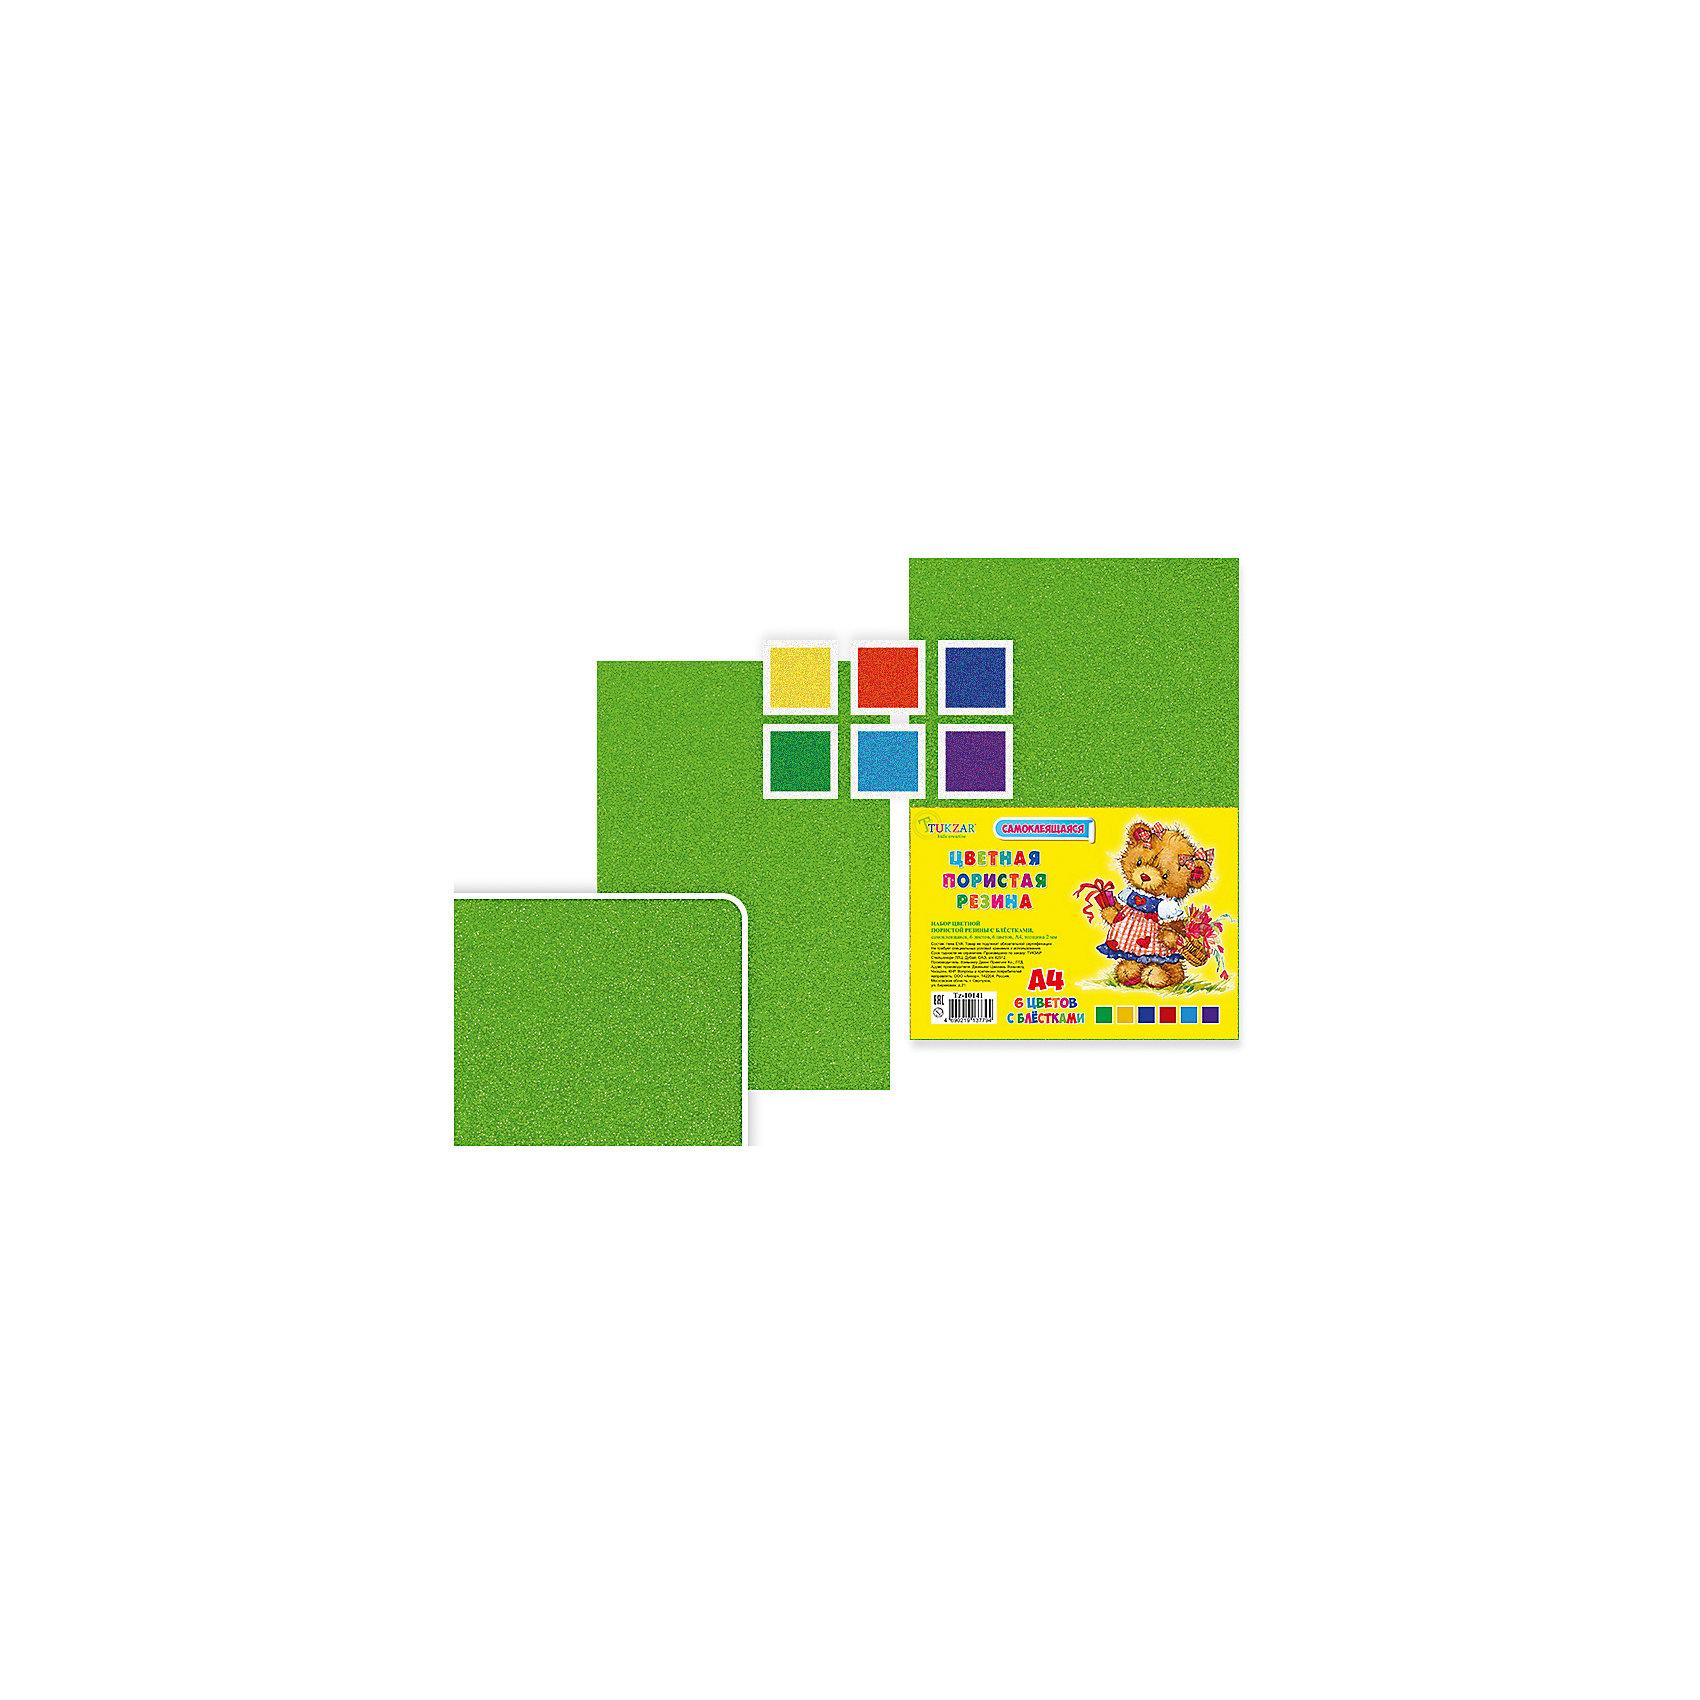 Набор цветной самоклеящейся пористой резины EVA (ЭВА) с блесткамиПоследняя цена<br>Набор цветной самоклеящейся пористой резины EVA (ЭВА) с блестками.<br><br>Характеристики:<br><br>• Возраст: от 6 лет<br>• Количество: 6 разноцветных листов с блестками формата А4 с клейким слоем с одной стороны<br>• Толщина листа: 2 мм.<br>• Цвета: красный, желтый, синий, зеленый, голубой, фиолетовый<br><br>Цветная пористая резина (пена EVA) с блестками ярких насыщенных цветов в листах формата А4 предназначена для создания творческих поделок и объемных аппликаций дома, в школе или в детском саду. Листы покрыты прочным клейким слоем с одной стороны. Пористая резина - приятная на ощупь, гибкая. Работать с ней просто и удобно, она режется ножницами, легко принимает нужную форму и приклеивается на ровную поверхность.<br><br>Набор цветной самоклеящейся пористой резины EVA (ЭВА) с блестками можно купить в нашем интернет-магазине.<br><br>Ширина мм: 330<br>Глубина мм: 8<br>Высота мм: 210<br>Вес г: 146<br>Возраст от месяцев: 72<br>Возраст до месяцев: 2147483647<br>Пол: Унисекс<br>Возраст: Детский<br>SKU: 5504499